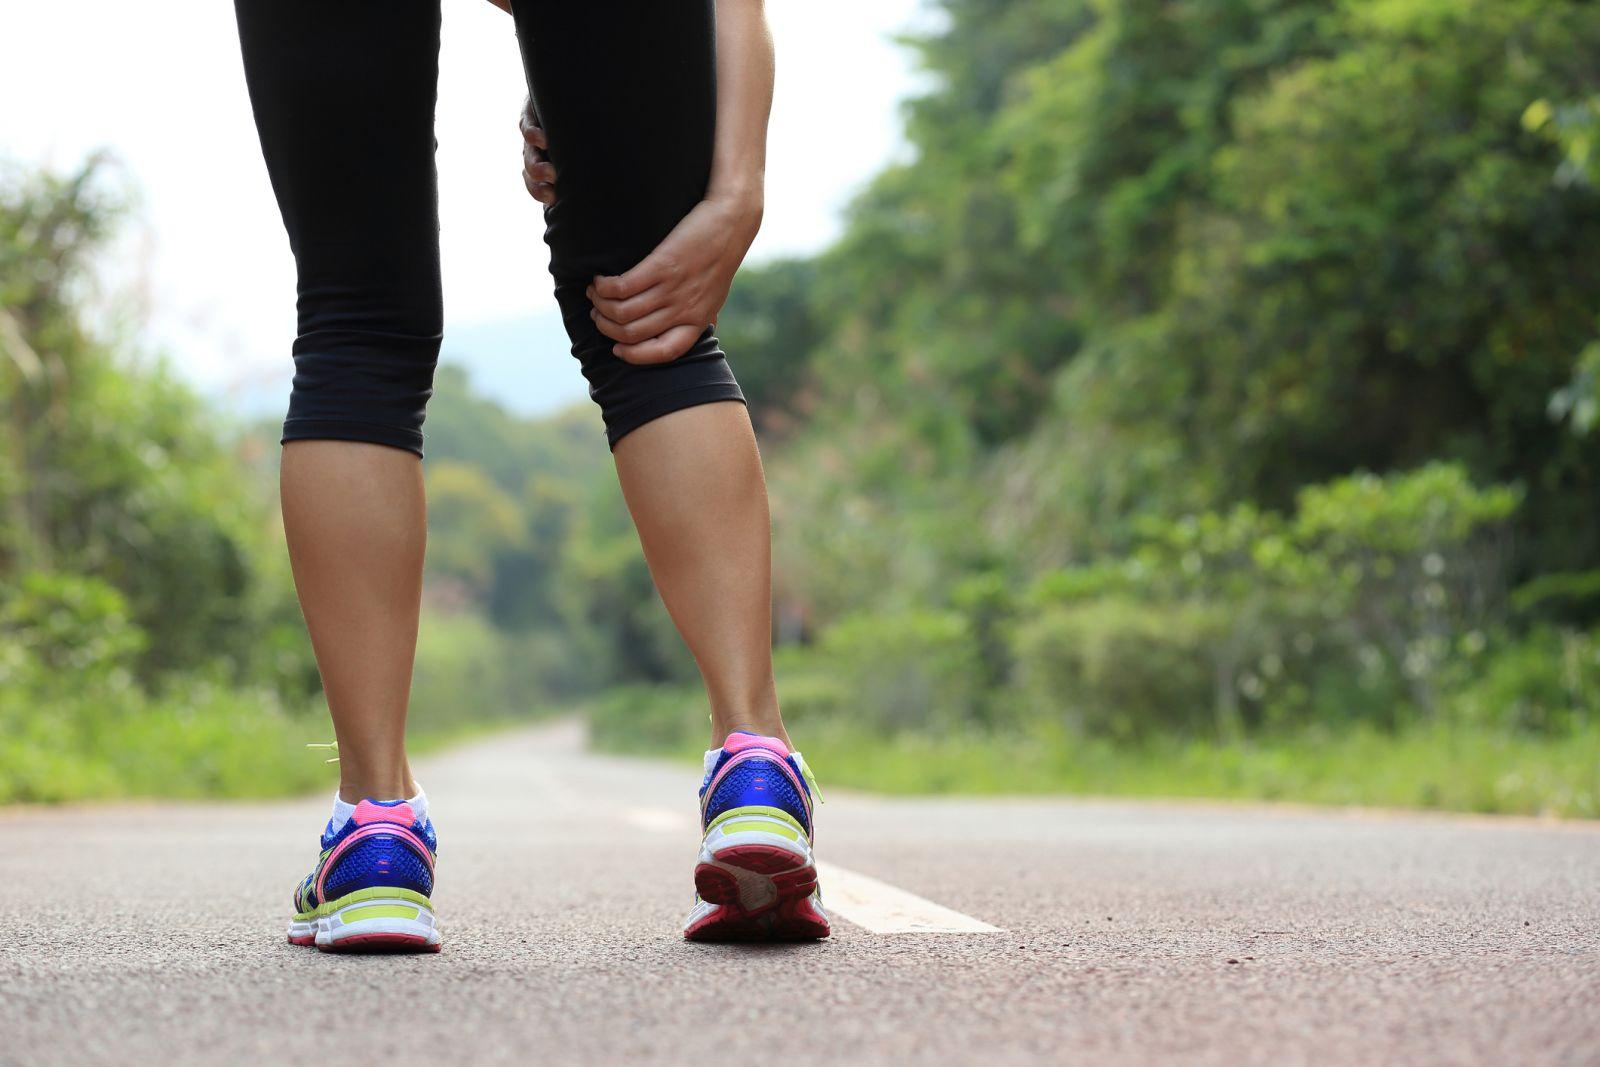 Problemi e dolori articolari: come combattere il dolore articolare